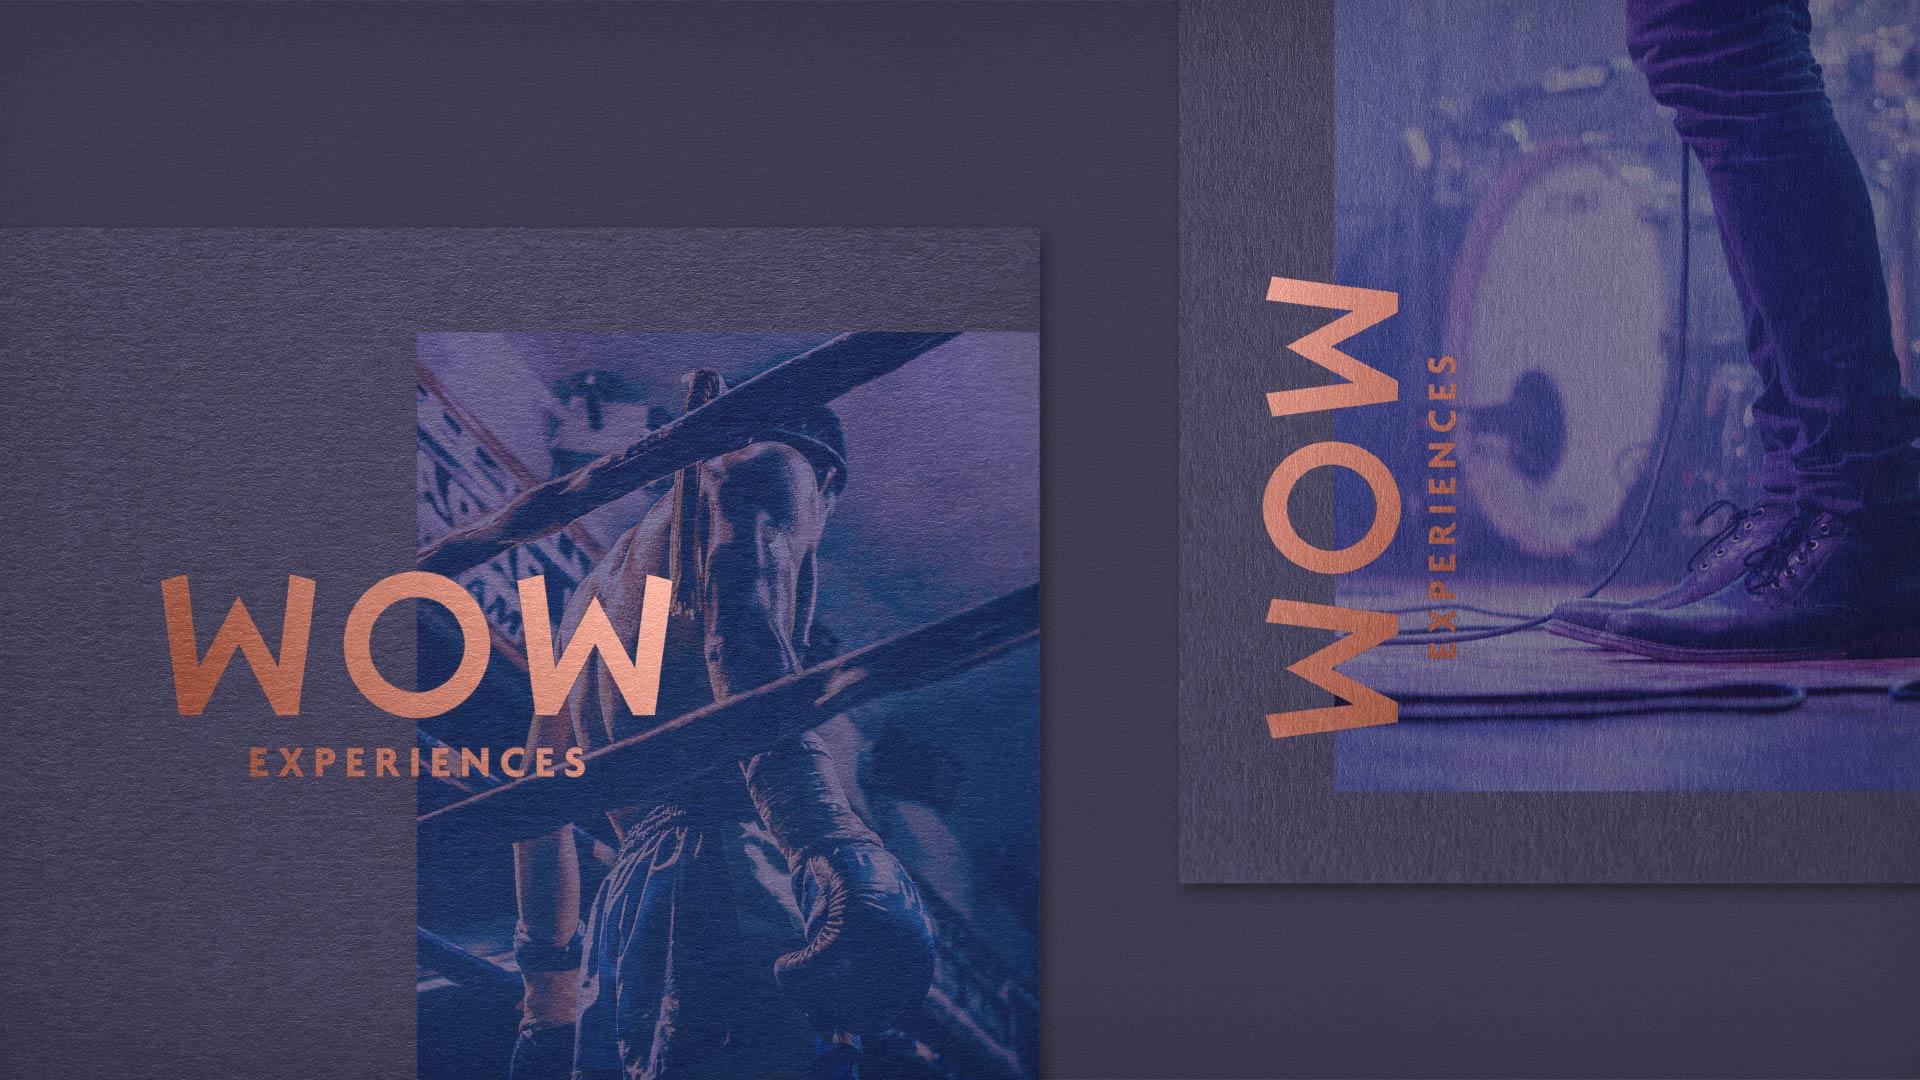 MG_WOW_02b